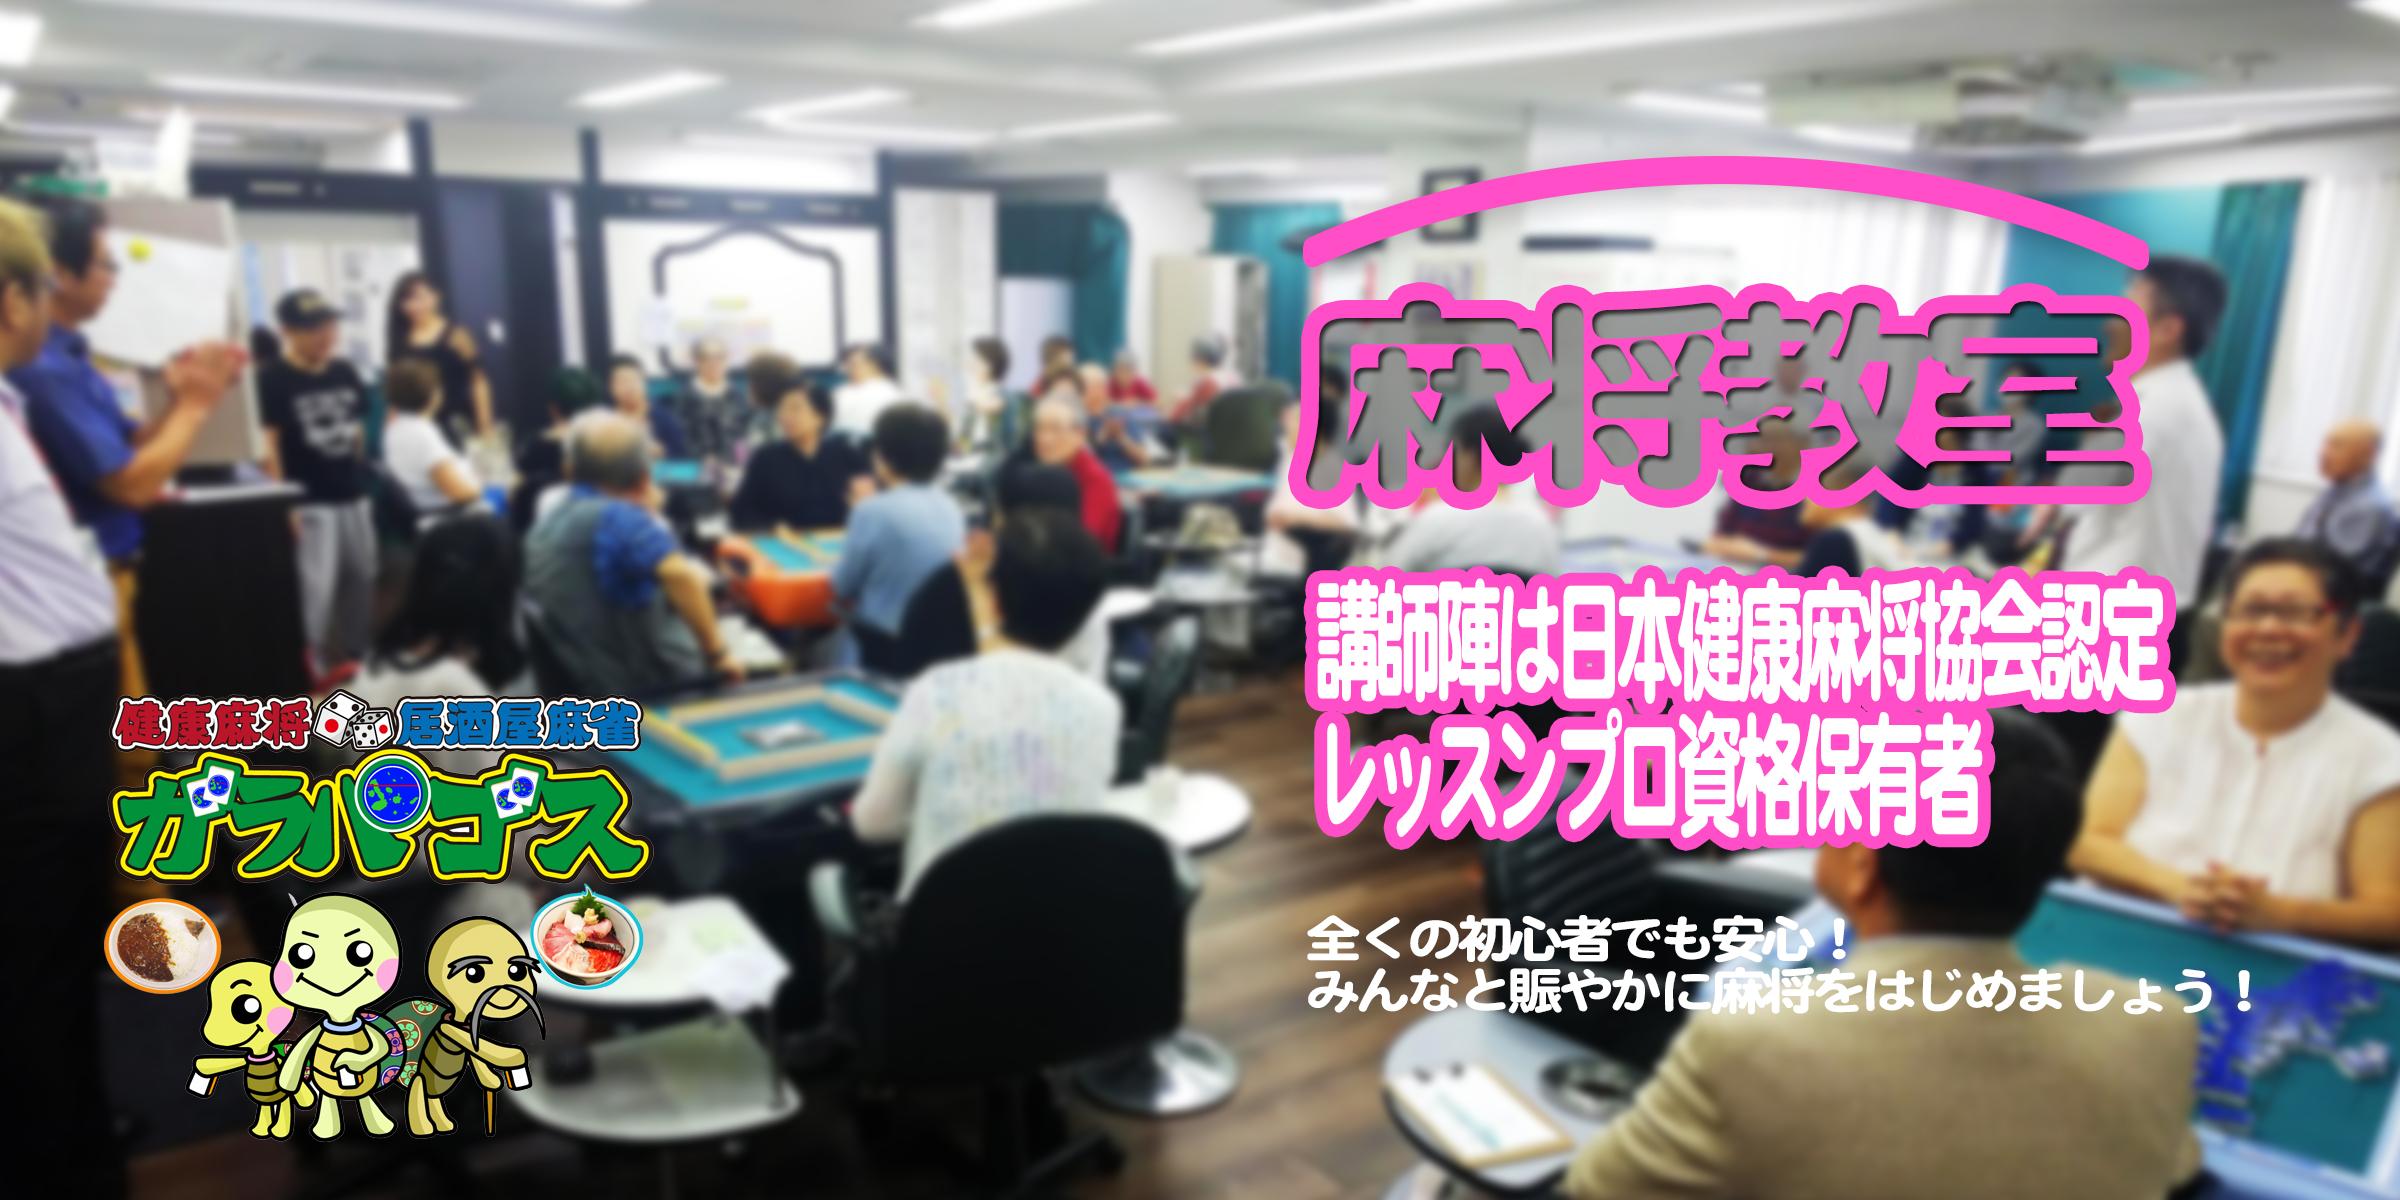 健康麻将・麻将教室・貸卓のガラパゴスが神保町にOPEN!